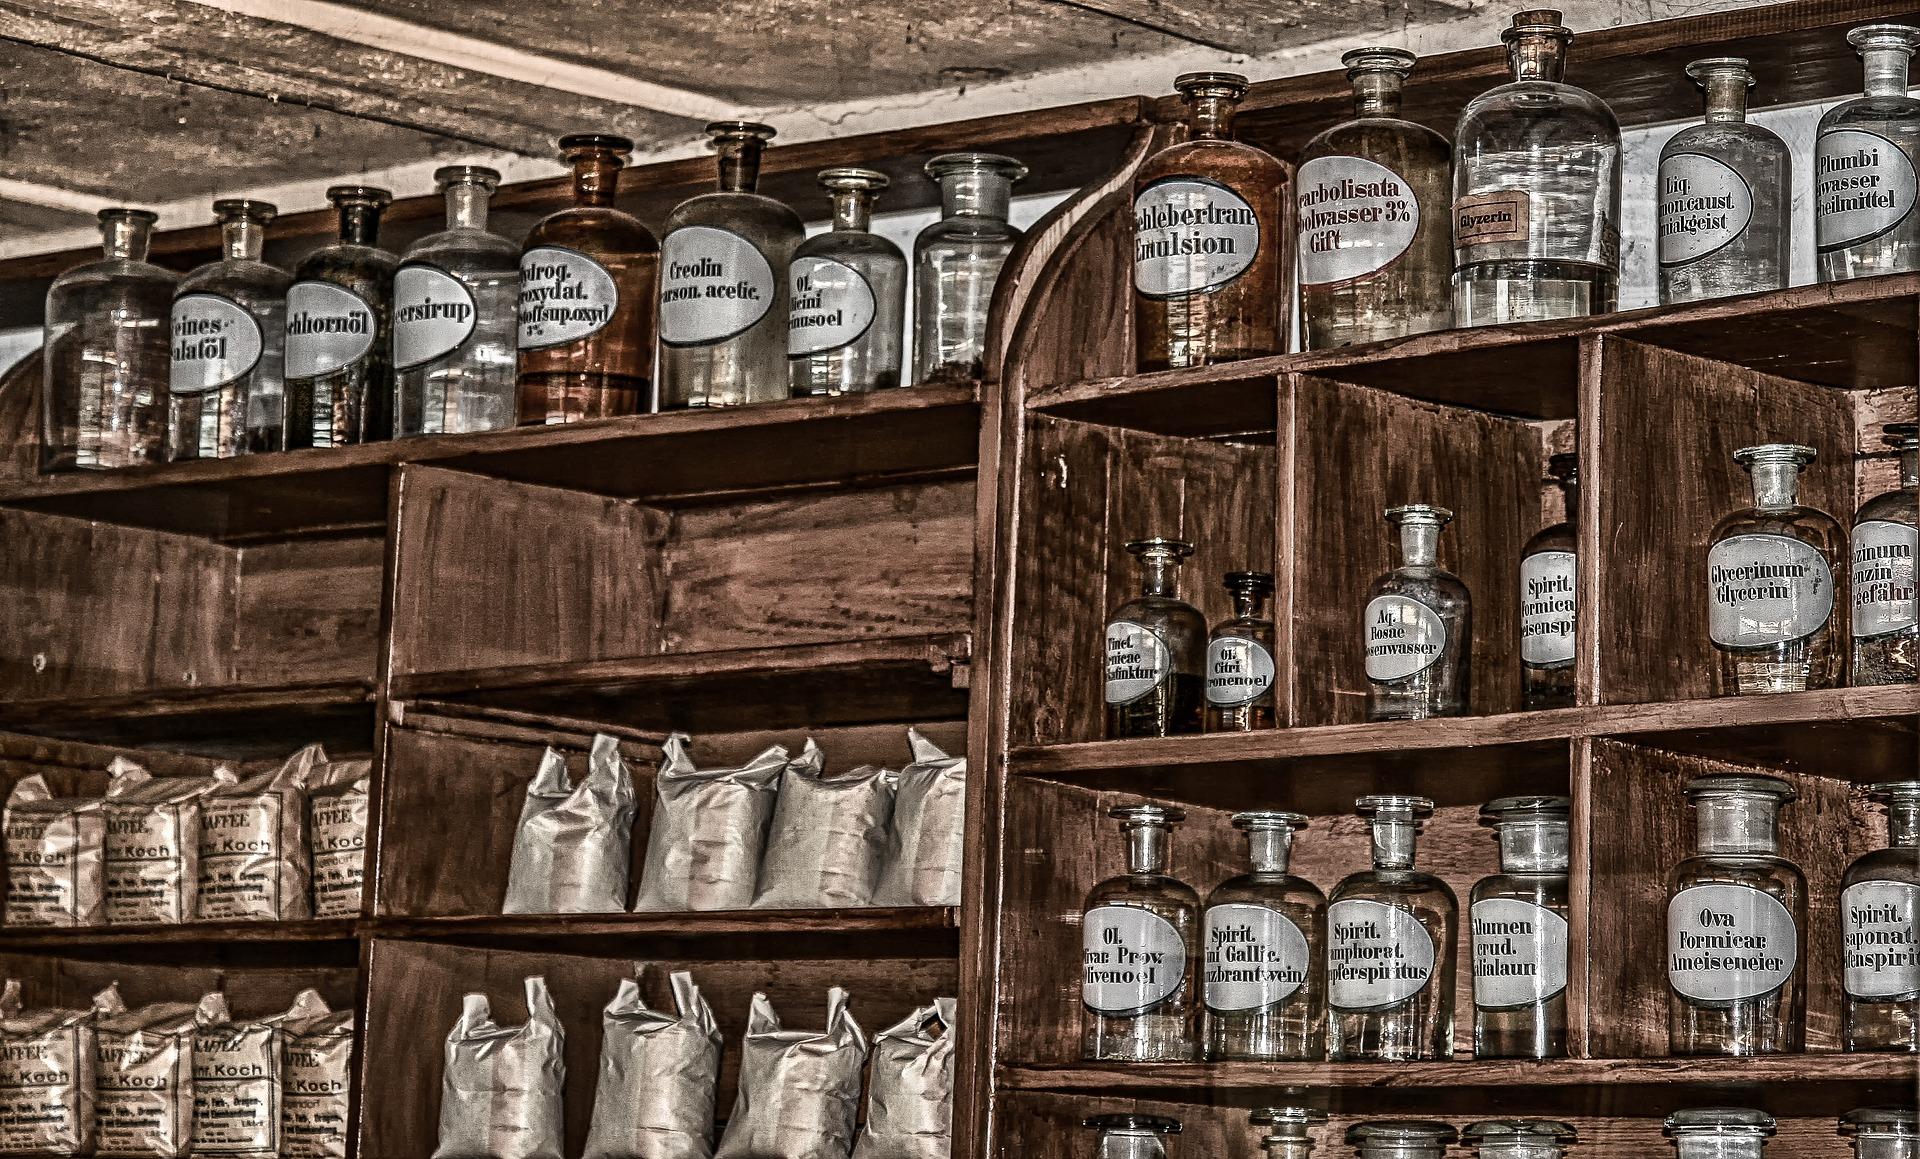 Na podstawie przedstawionych powyżej informacji wyraźnie widać, jak bogata była niegdyś receptura w płynne postaci leków (fot. Shutterstock).